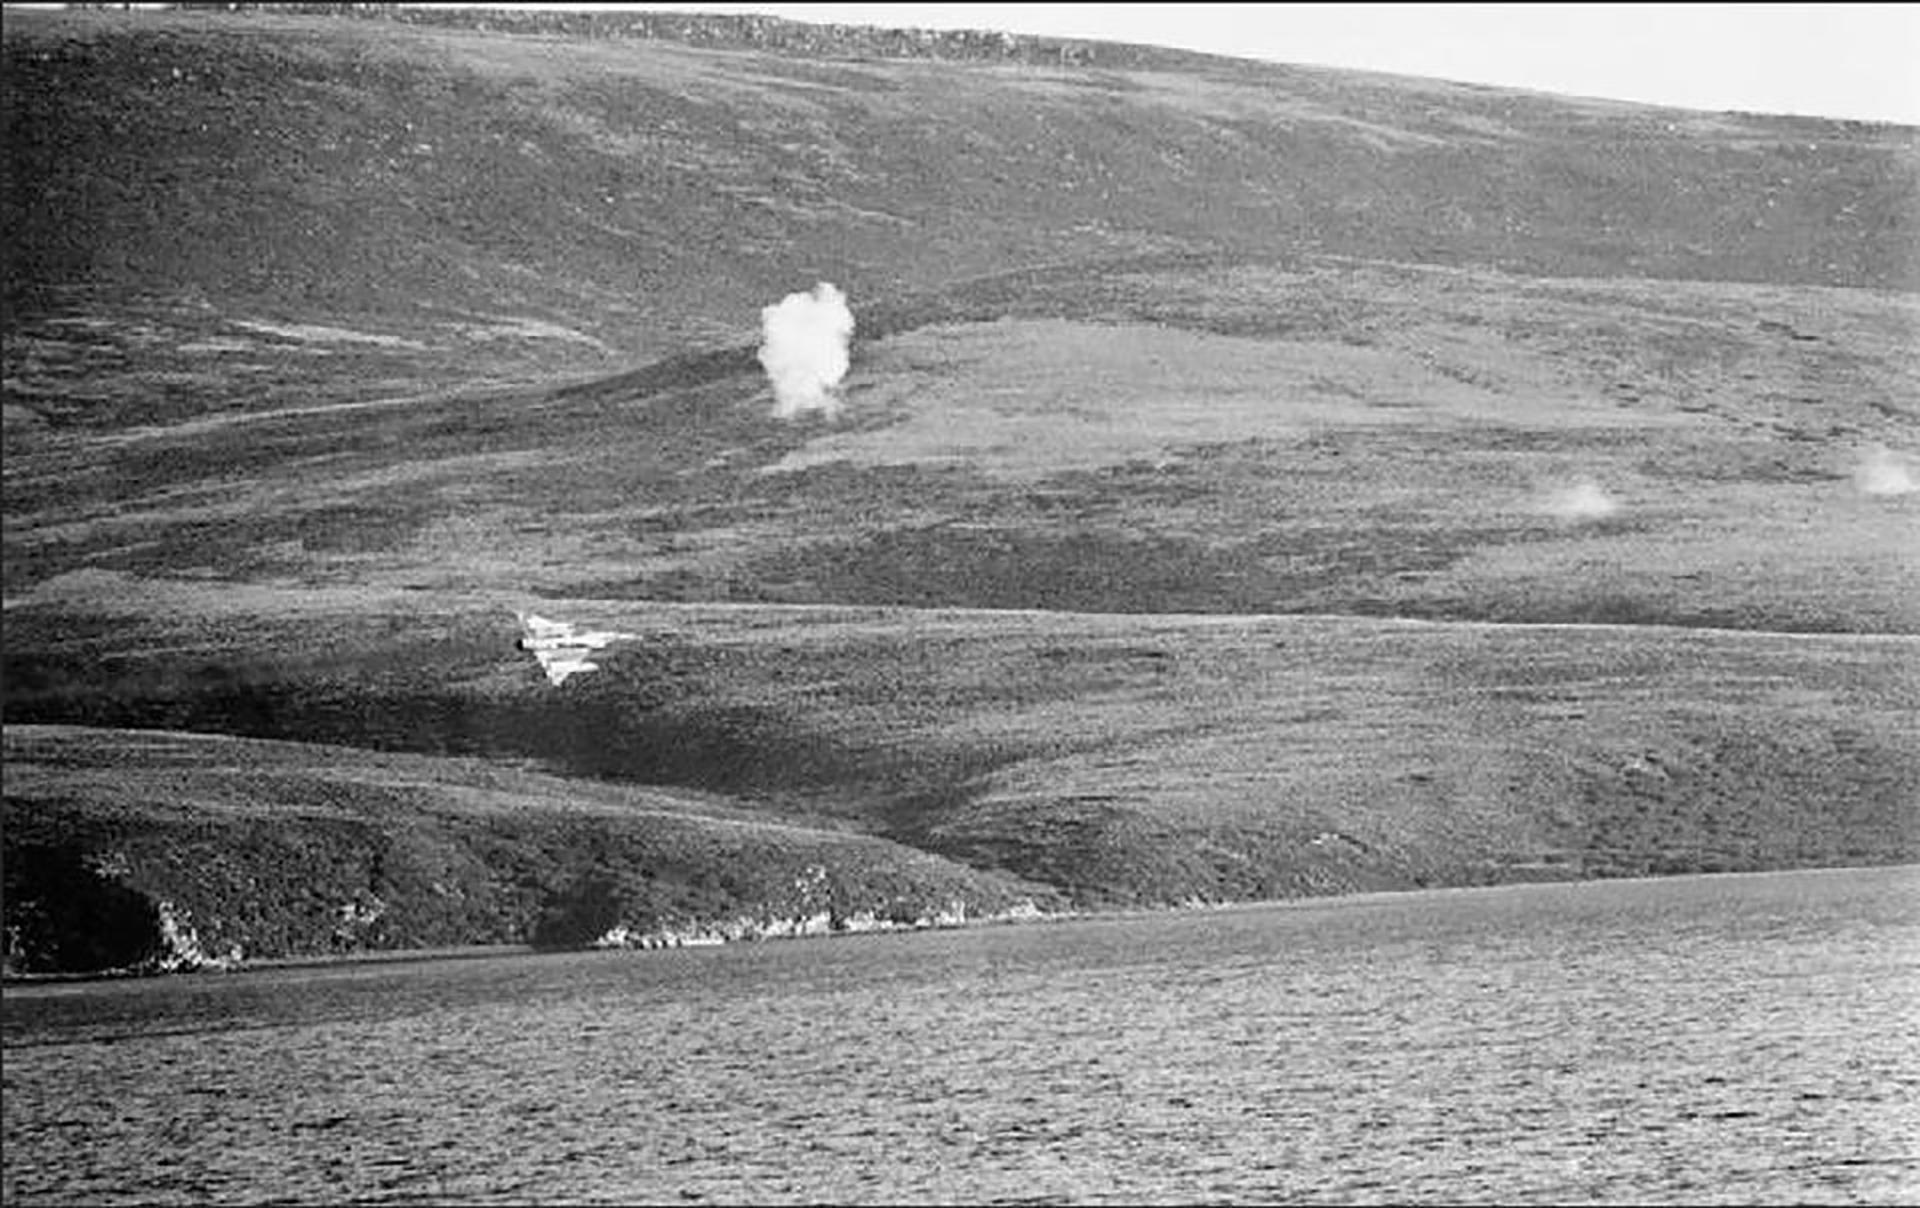 UnMirage enplenabatalla aérea. Se planearon 505 salidas de combate, de las cuales se cumplieron 445. De esa cifra, 272 misiones llegaron a su objetivo. Se perdieron 70 aviones. Murieron 41aviadores